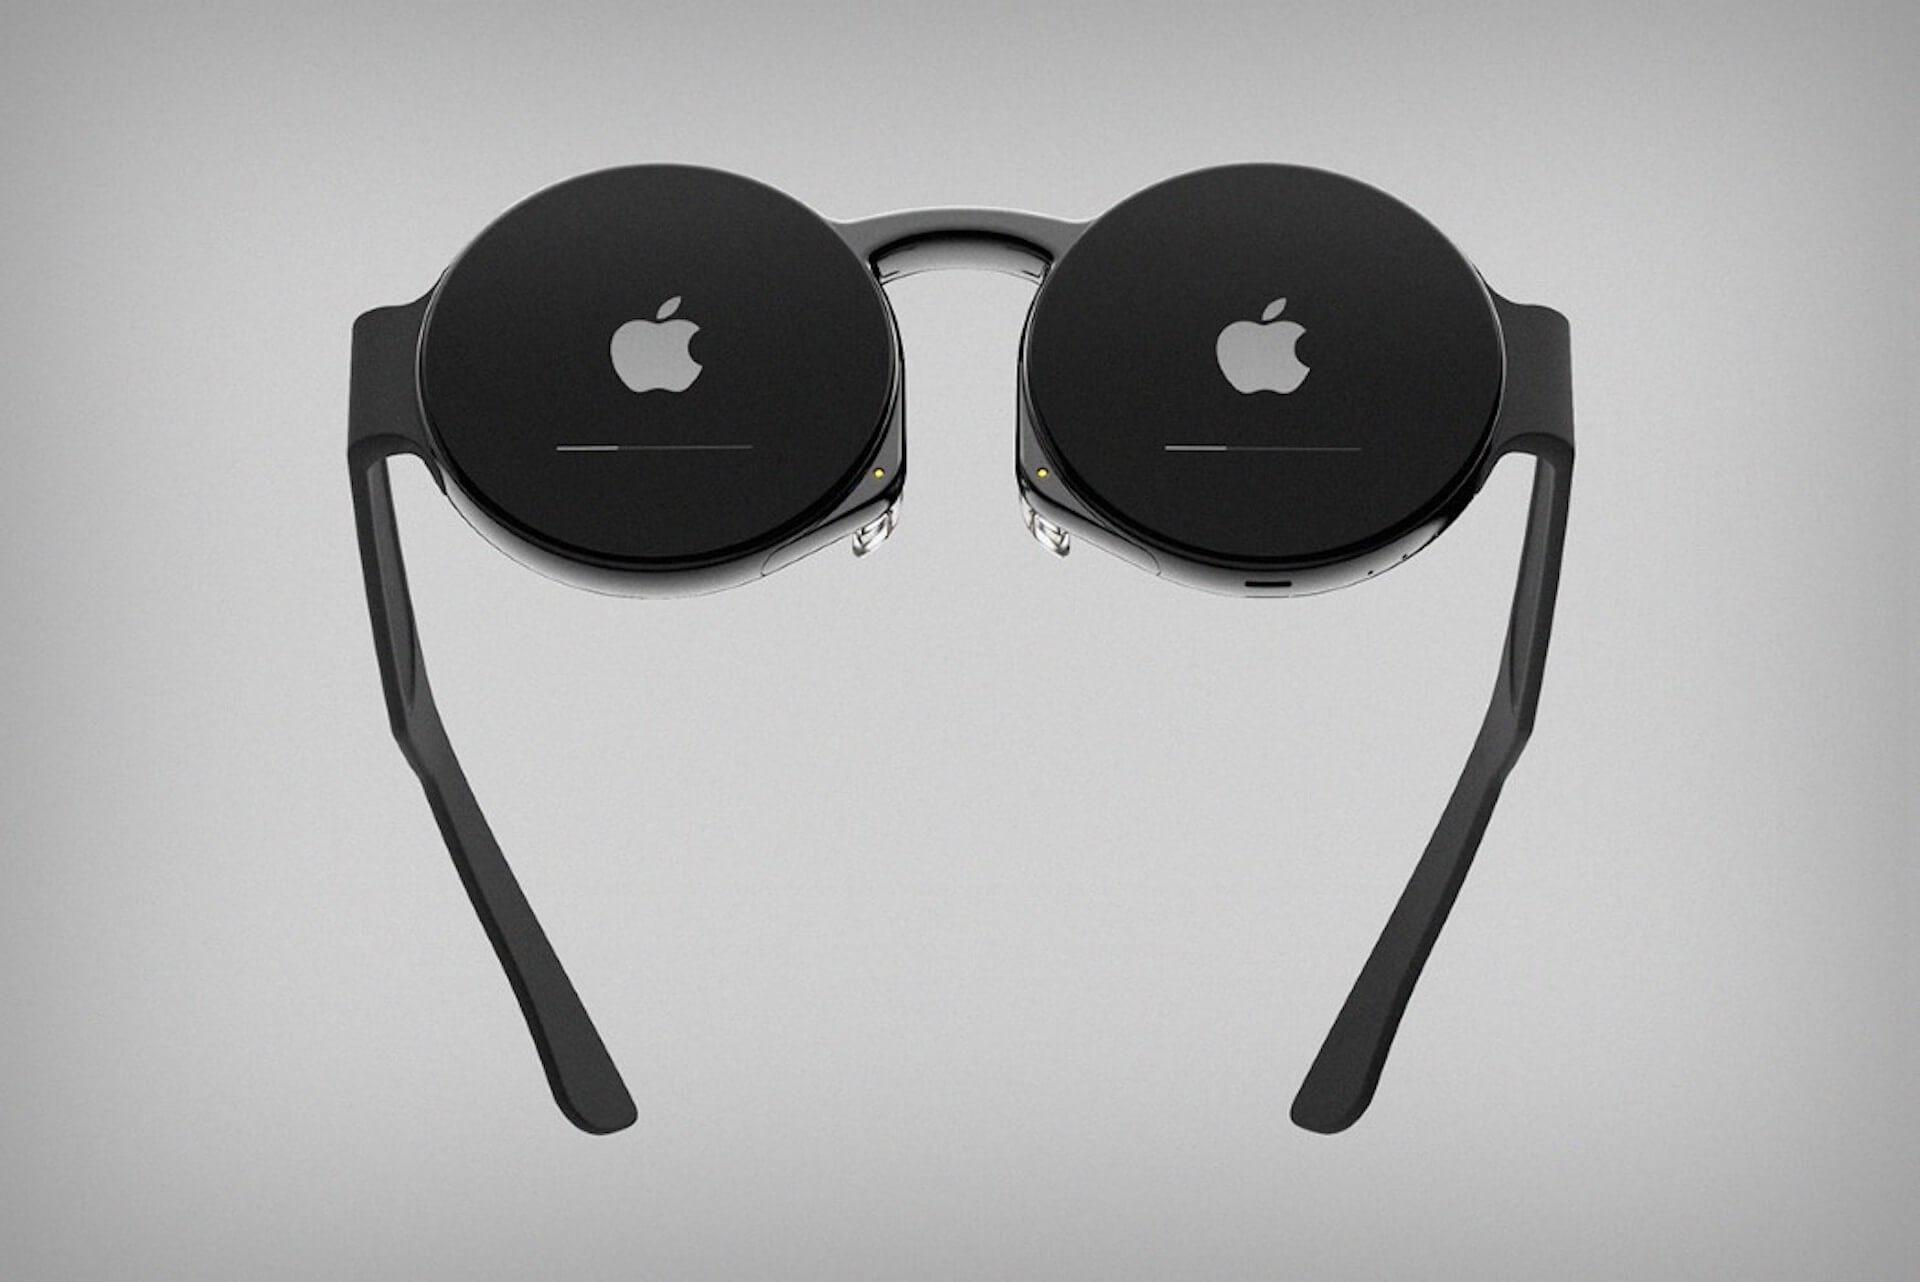 Apple初のIoTメガネ「Apple Glass」はスティーブ・ジョブズのメガネを模したものに?プロトタイプを製作中か tech200522_appleglass_main